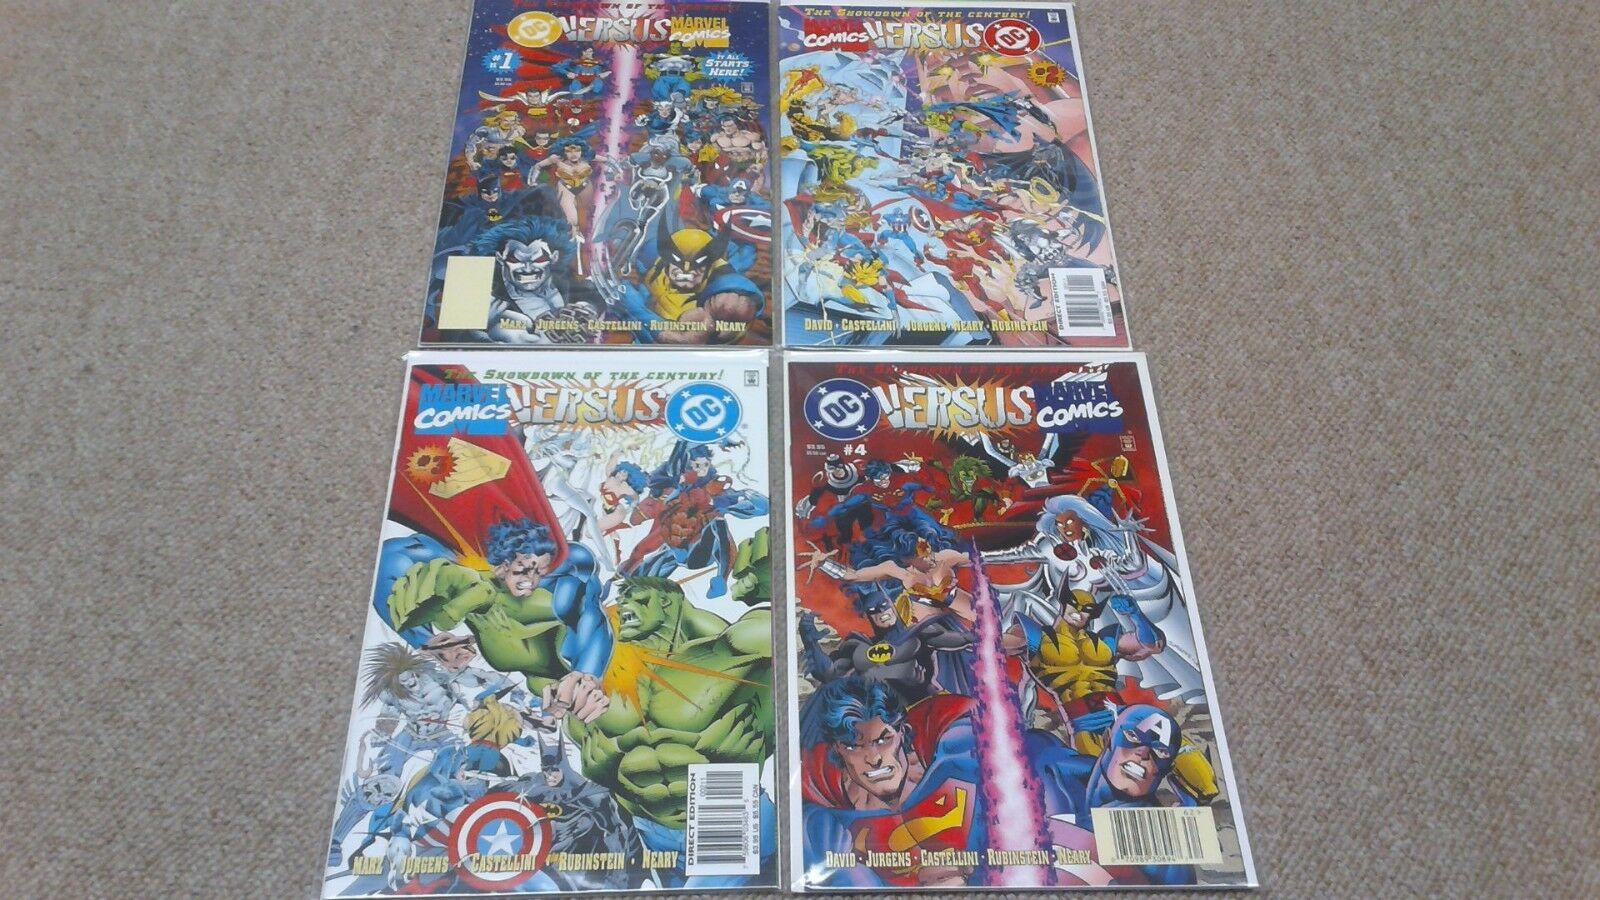 DC Versus Marvel / Marvel Versus DC #1-4 (1996) VF/NM Complete Mini Series Set